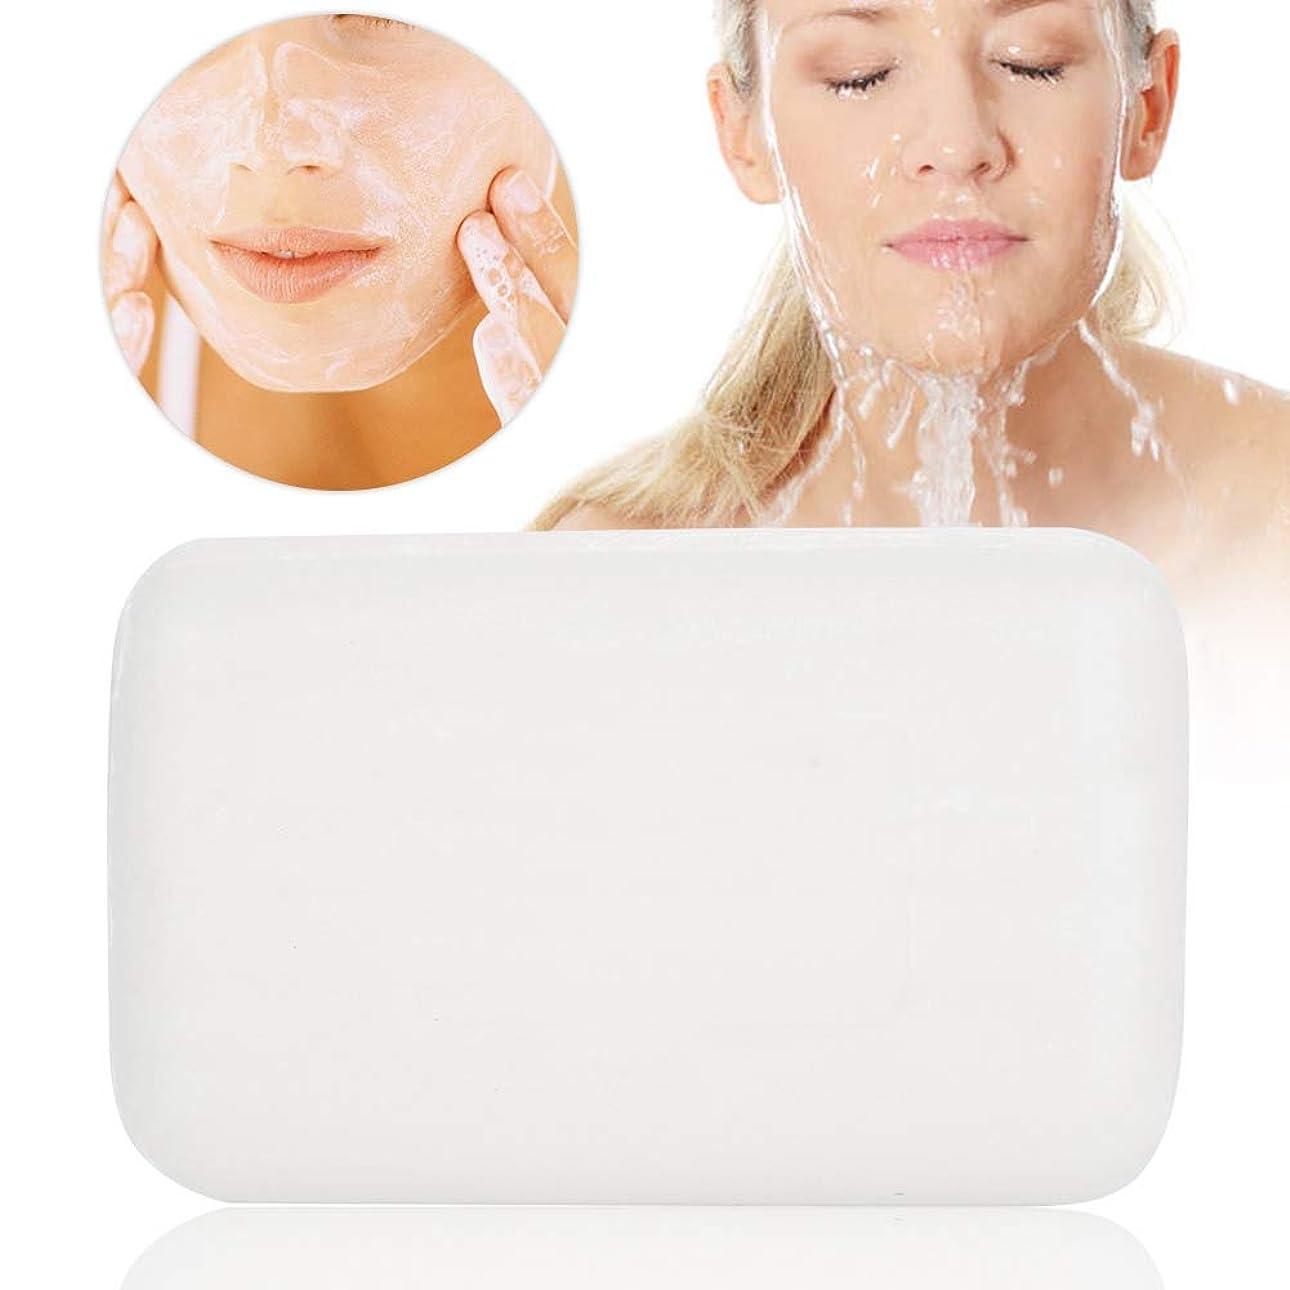 パイプライン誘うクラウド美容石鹸 シミ取り! (洗顔?全身用) せっけん バスサイズ 洗顔石けん 無添加 低刺激性 化粧石鹸